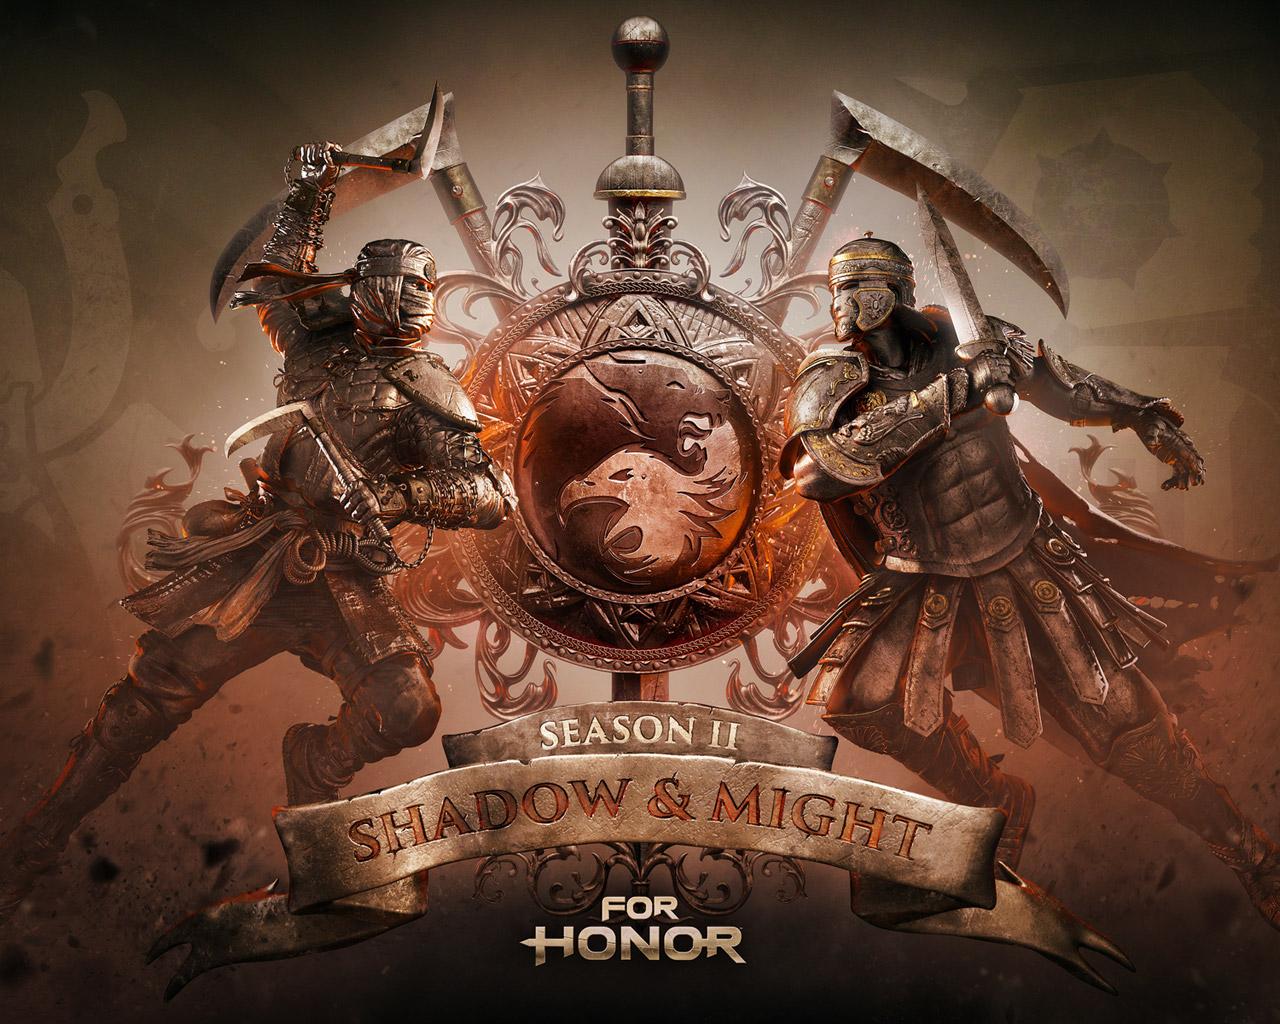 Shadow and Might, la segunda temporada de For Honor llega el 16 de mayo